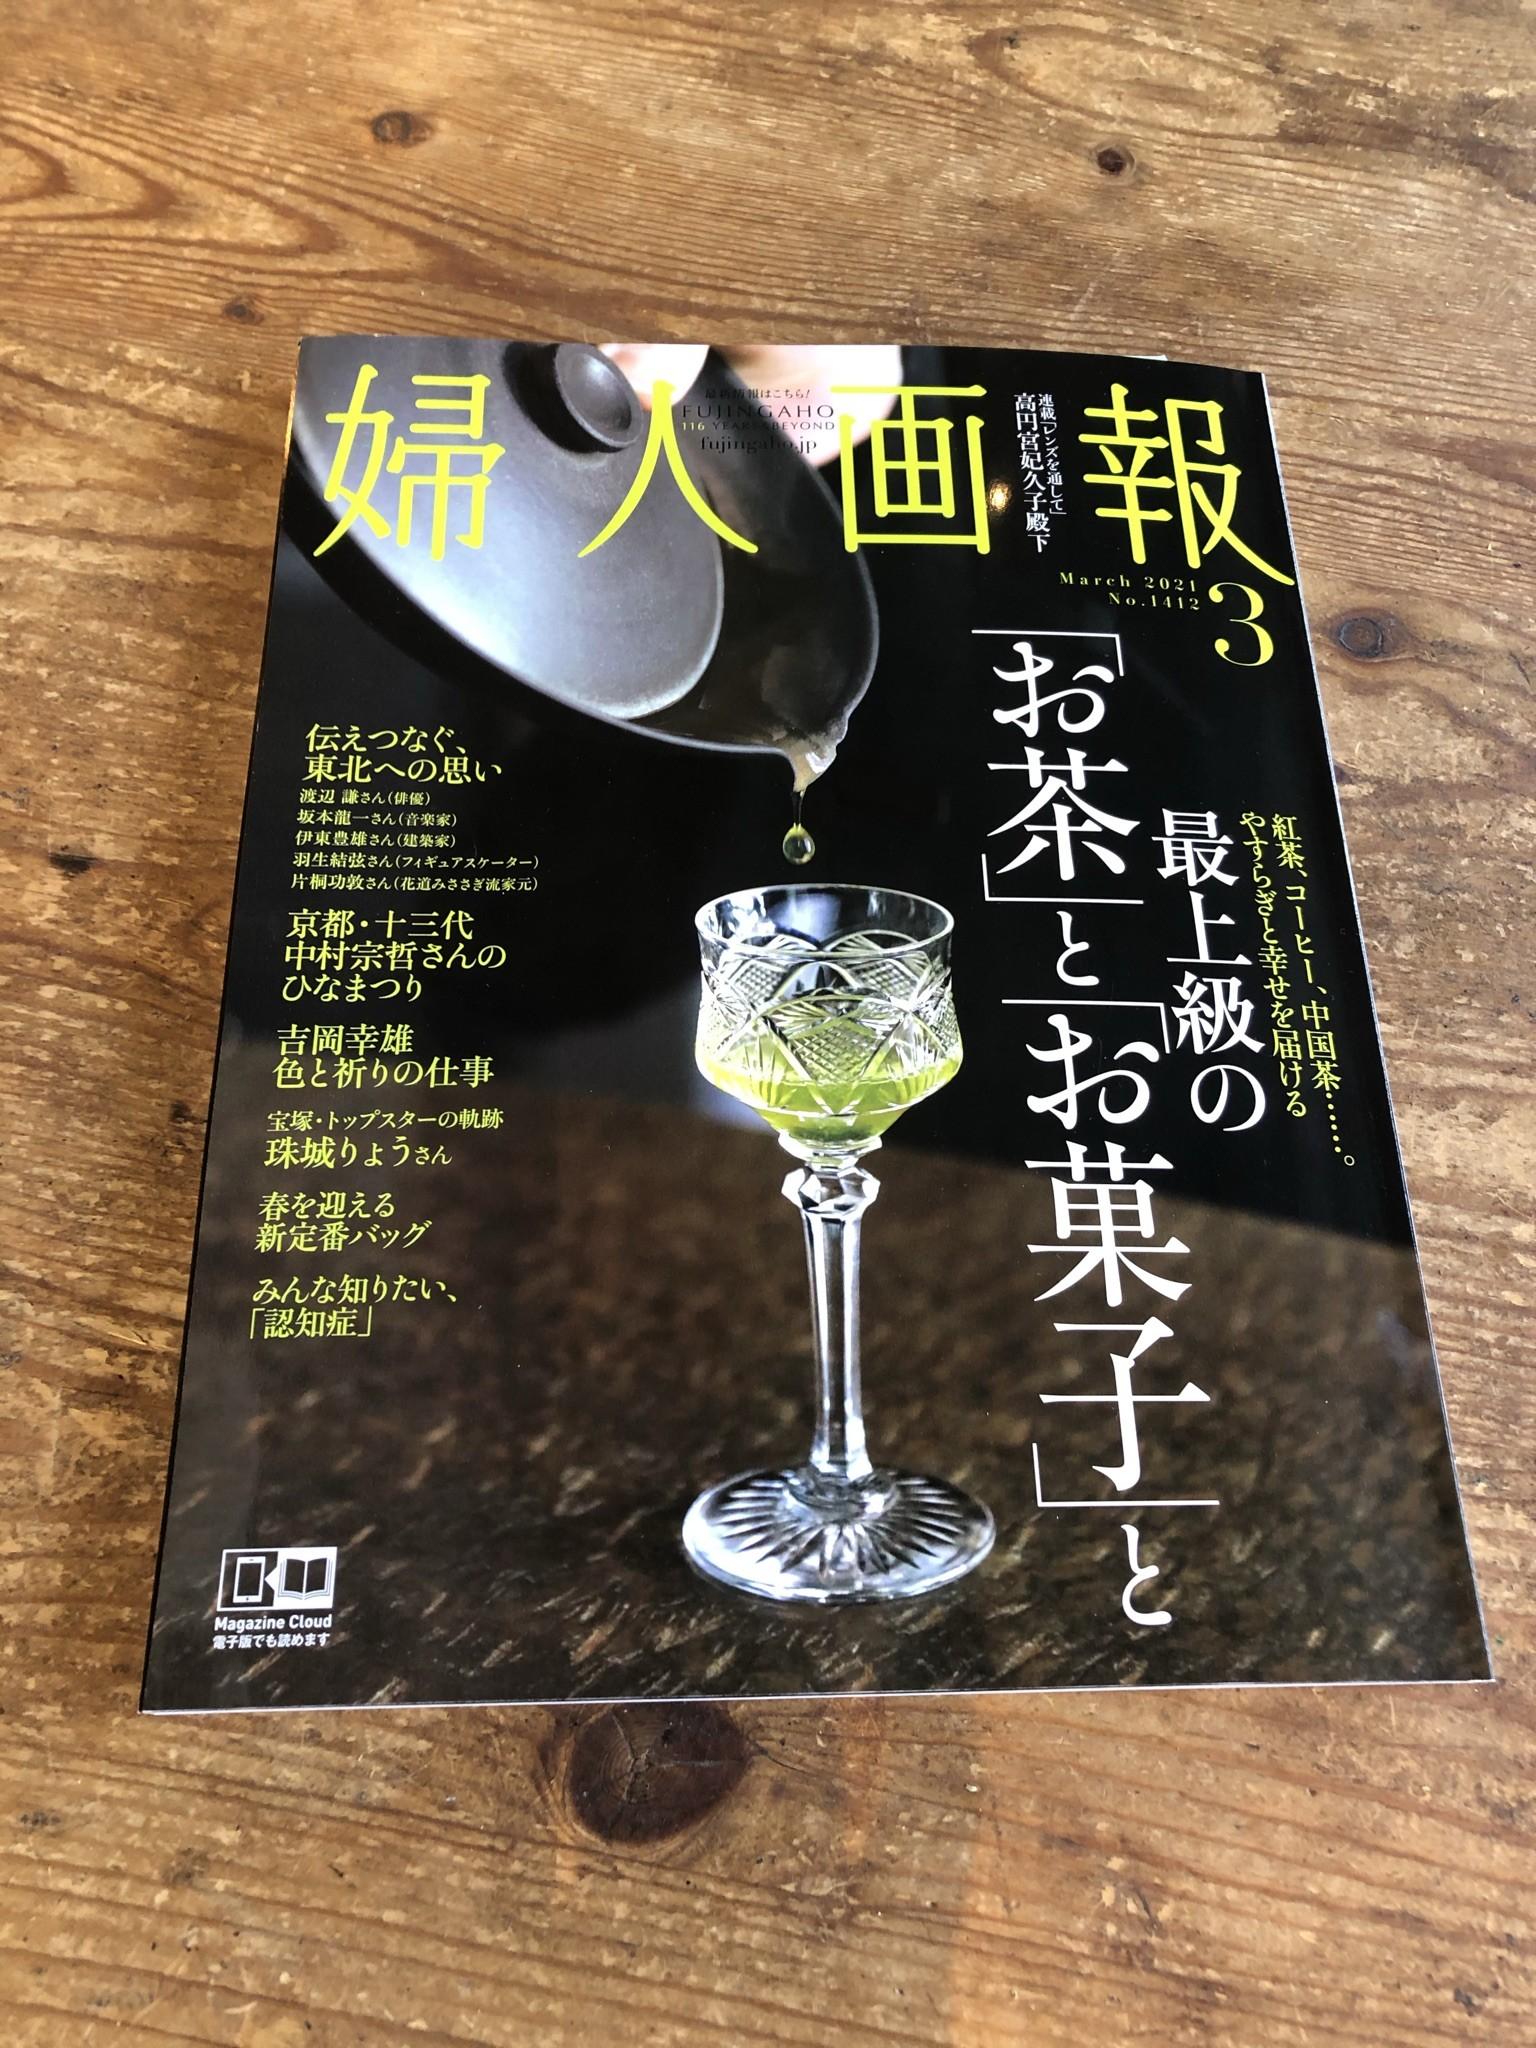 婦人画報3月号 掲載されています。